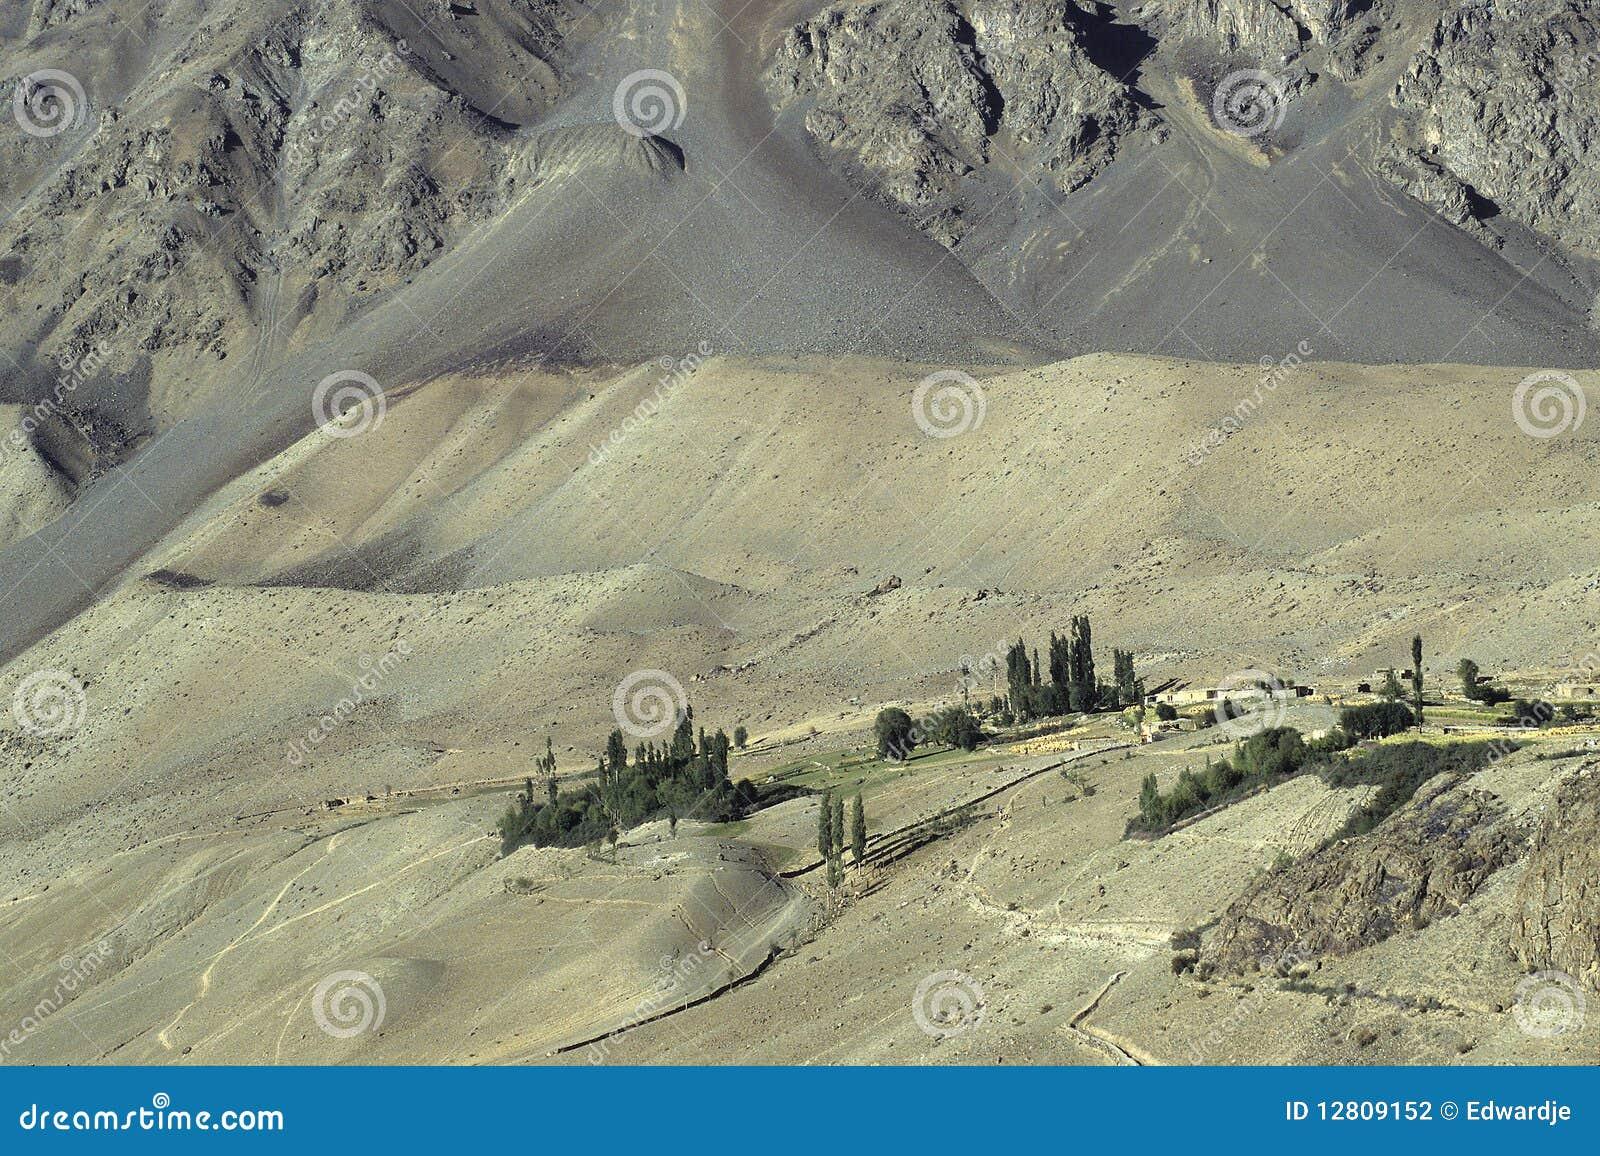 Pakistan Mountains 8